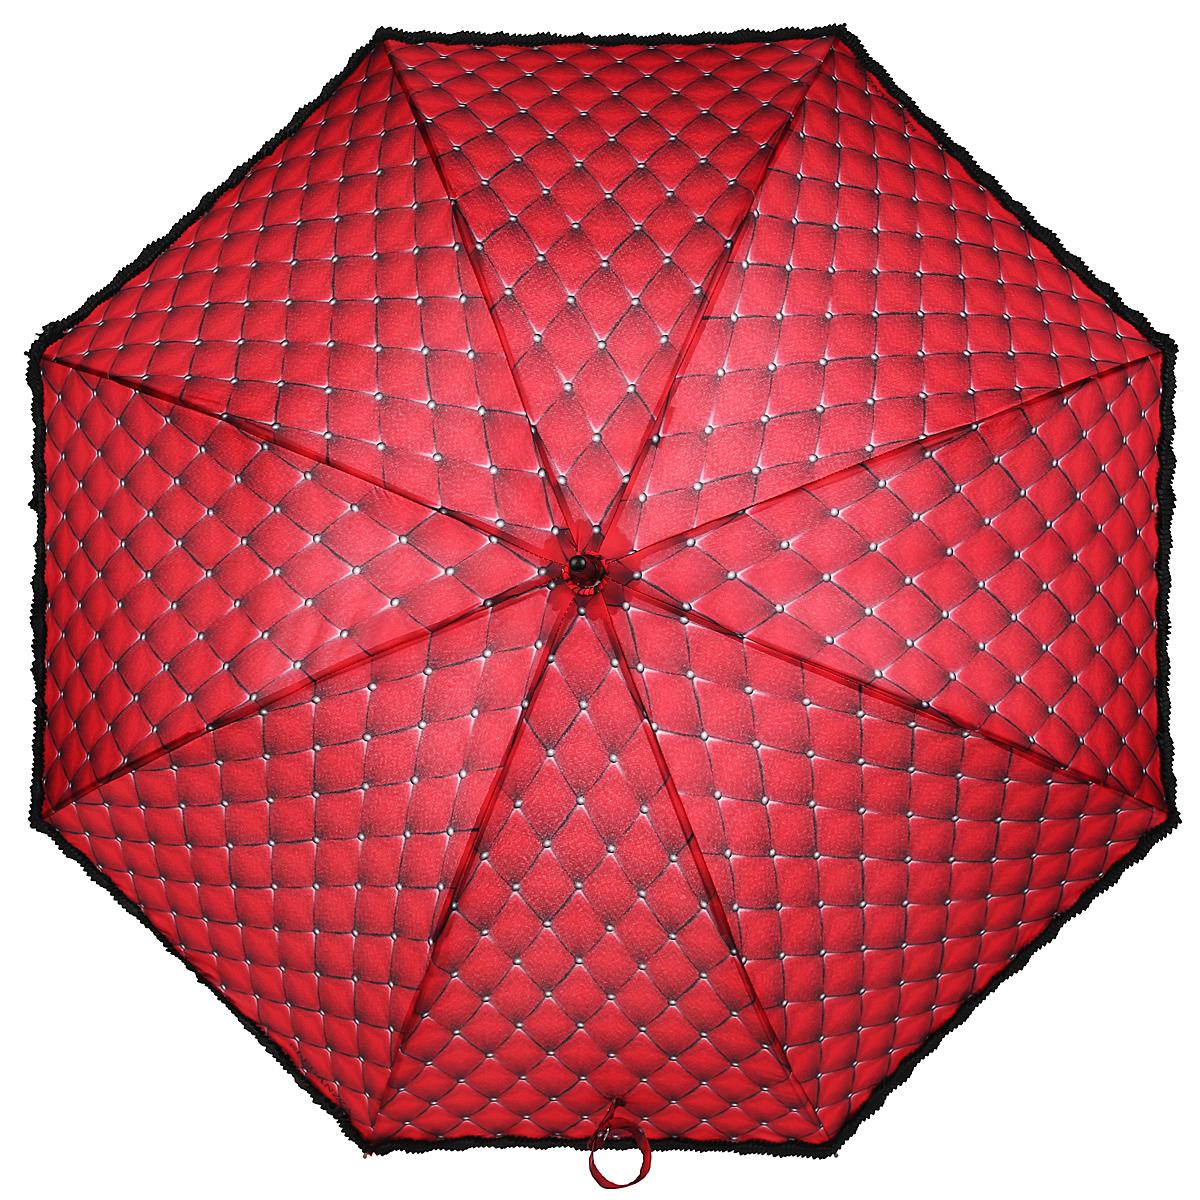 Зонт-трость Eleganzza, механический, женский, цвет: красный, черный. Т-06-0440T-06-0440Стильный зонт-трость Eleganzza с необычным дизайном произведен из высококачественных материалов. Каркас зонта изготовлен из восьми спиц из фибергласса, деревянного стержня и фигурной ручки из акрила в форме крюка. Купол зонтика выполнен из полиэстера с водоотталкивающей пропиткой и оформлен черной оборкой по краю. Закрытый купол фиксируется хлястиком на кнопке. Зонт механического сложения: купол открывается и закрывается вручную до характерного щелчка. Женский зонт Eleganzza не только выручит вас в ненастную погоду, но и станет ярким аксессуаром, который прекрасно дополнит ваш модный образ.